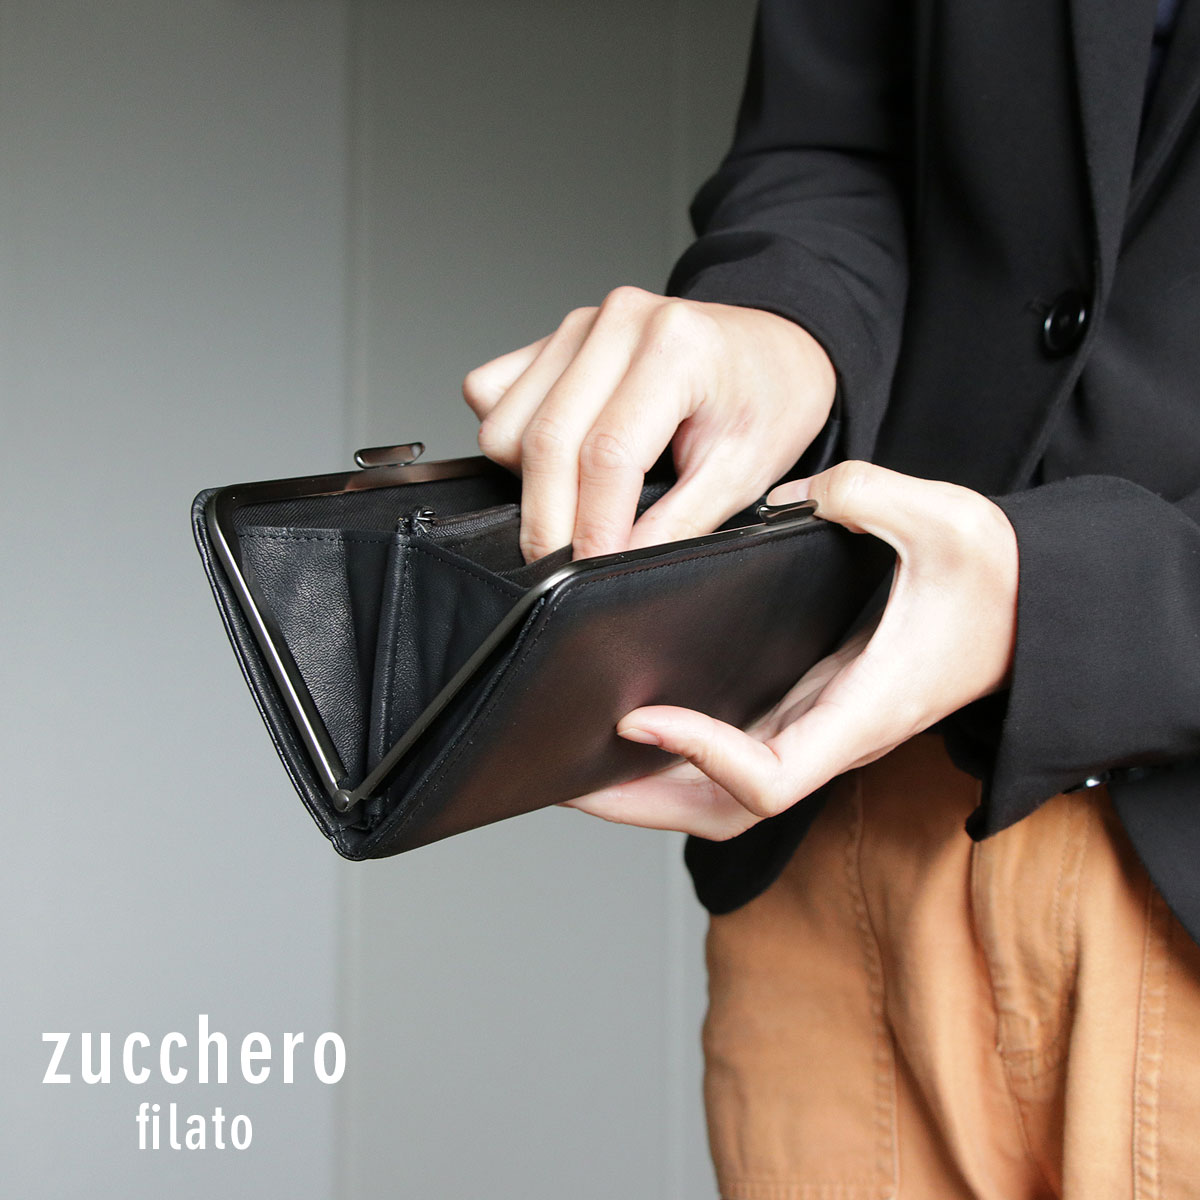 長財布 がま口財布 がまぐち 薄型 ロングウォレット オールブラック ソフトレザー 牛革 本革 日本の革 Zucchero filato ズッケロフィラート